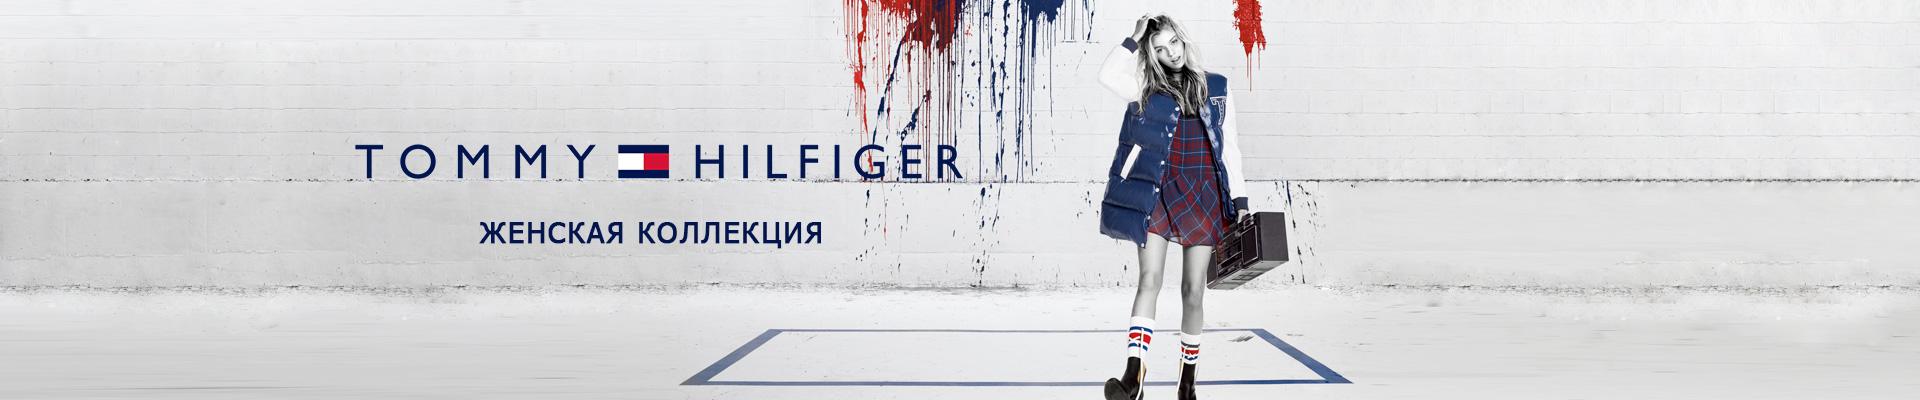 Tommy Hilfiger. Женская коллекция